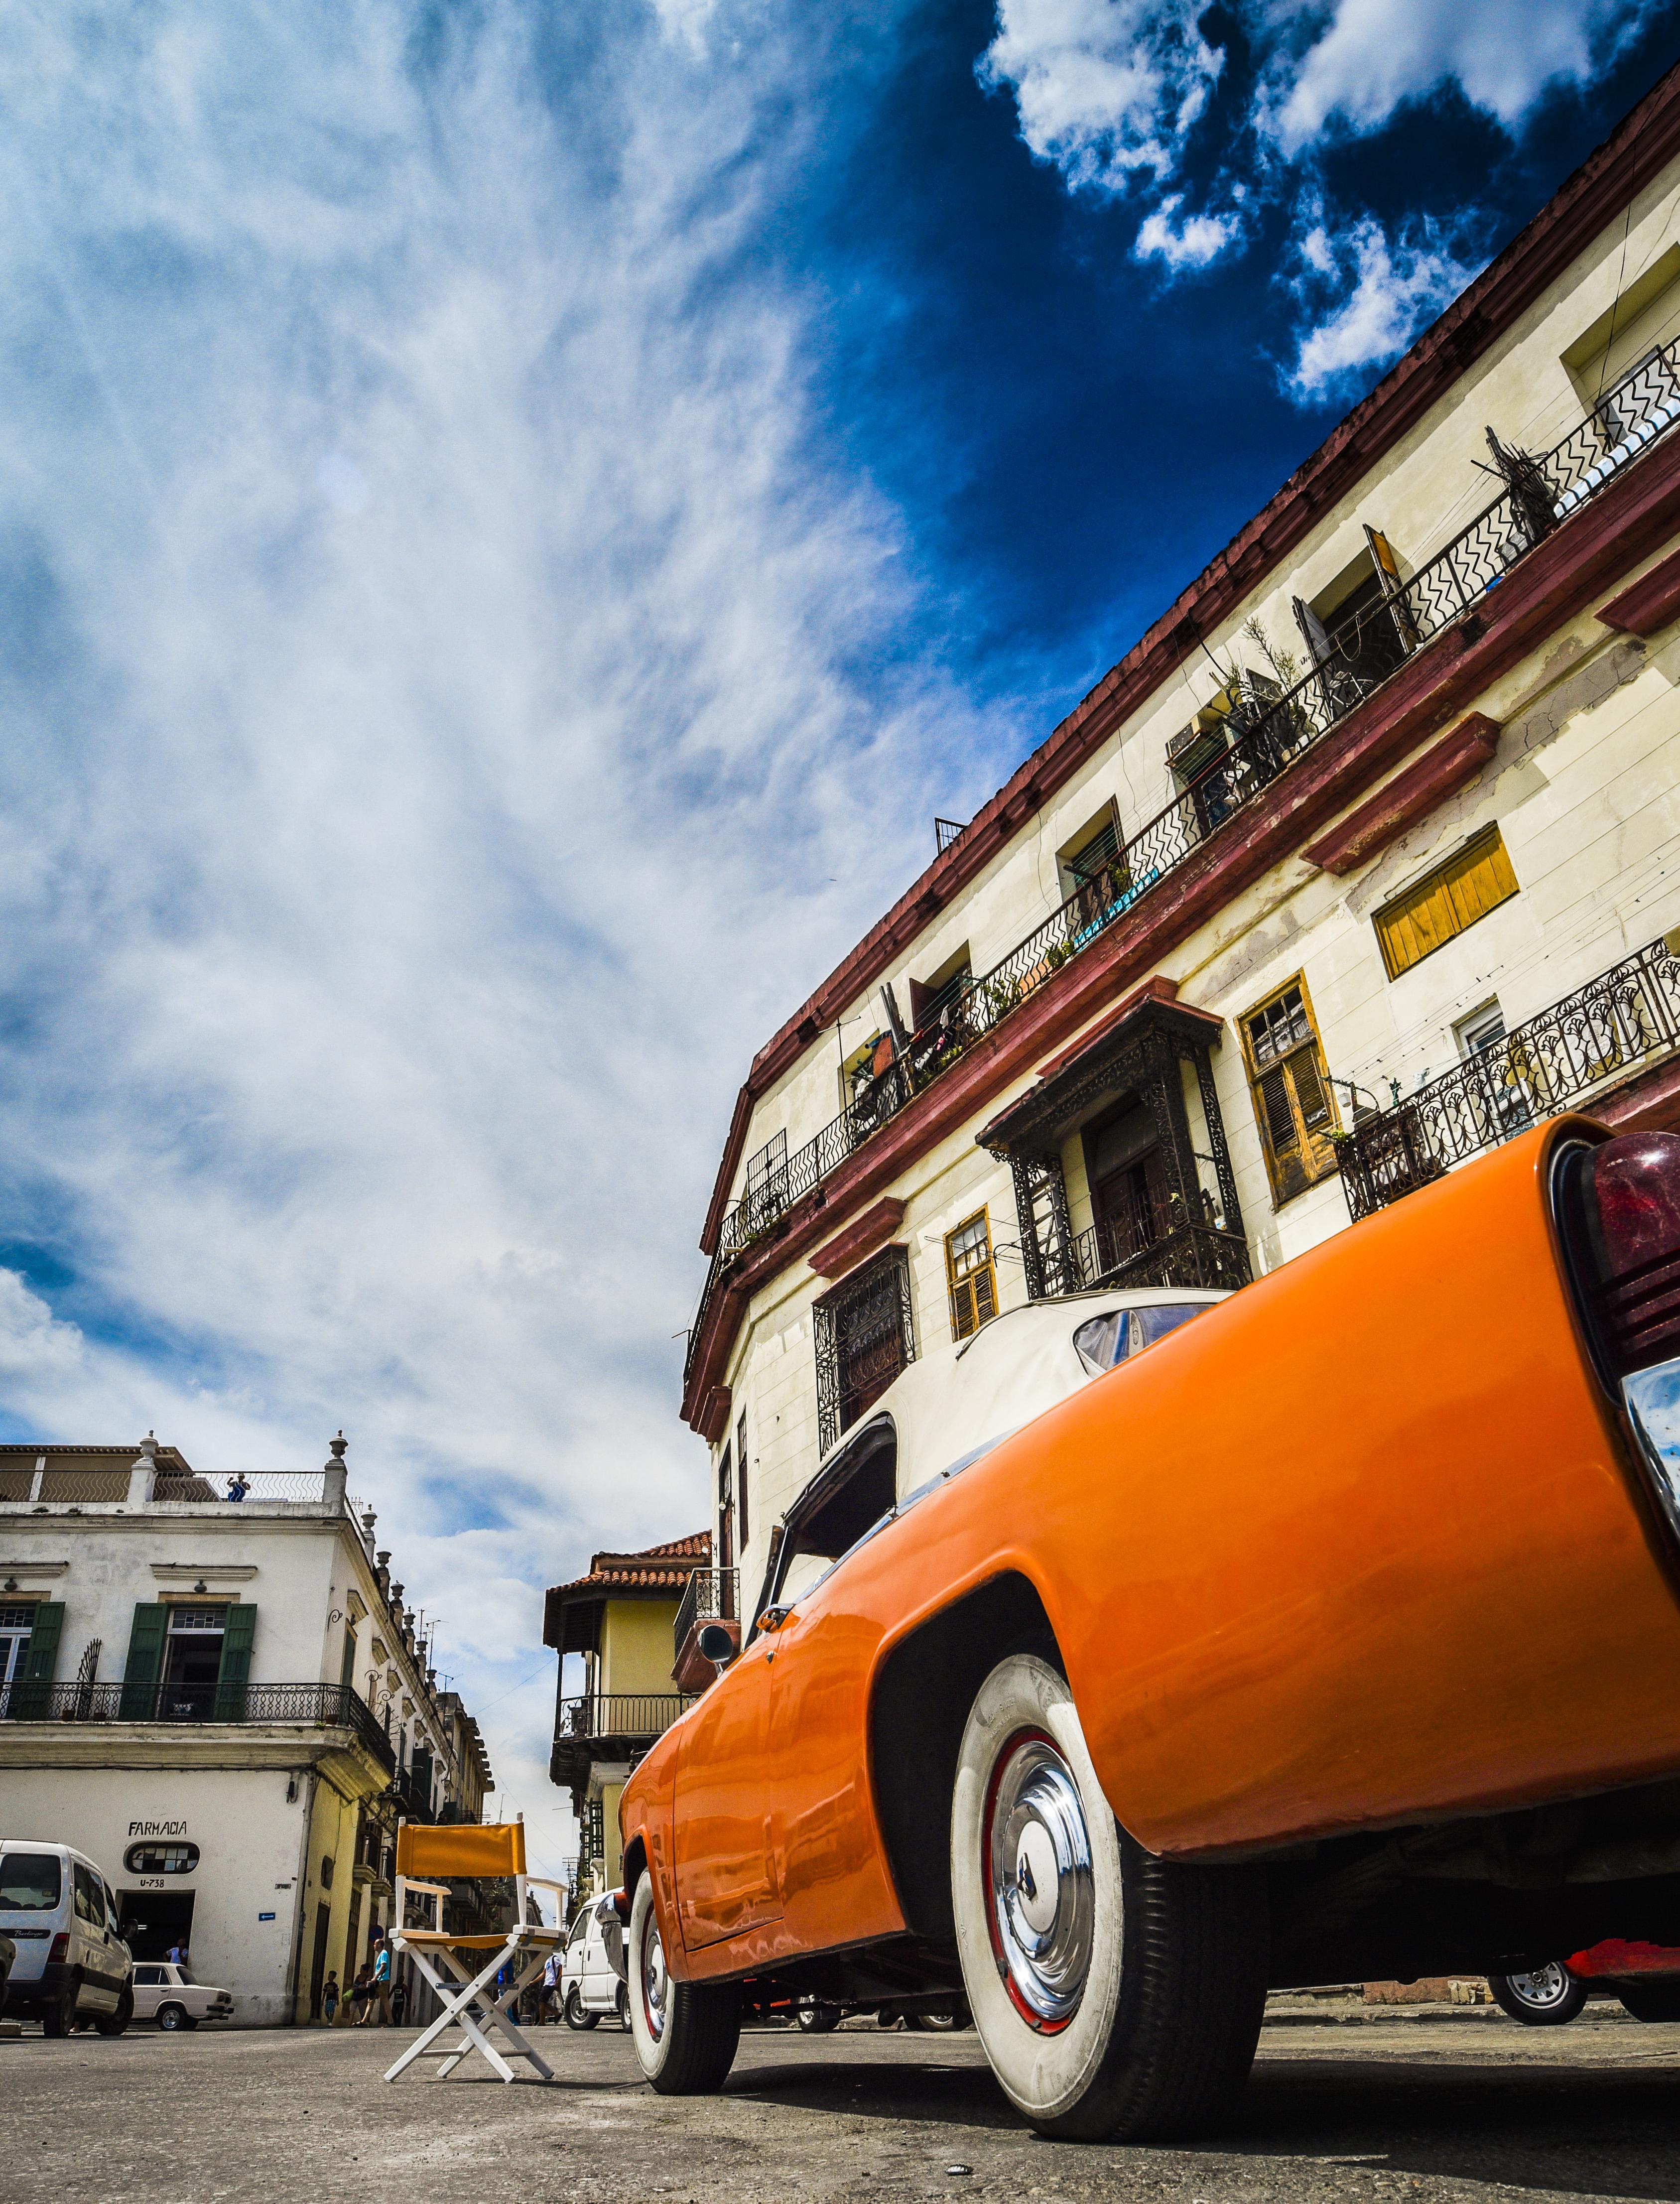 Take Your Seat Cuba